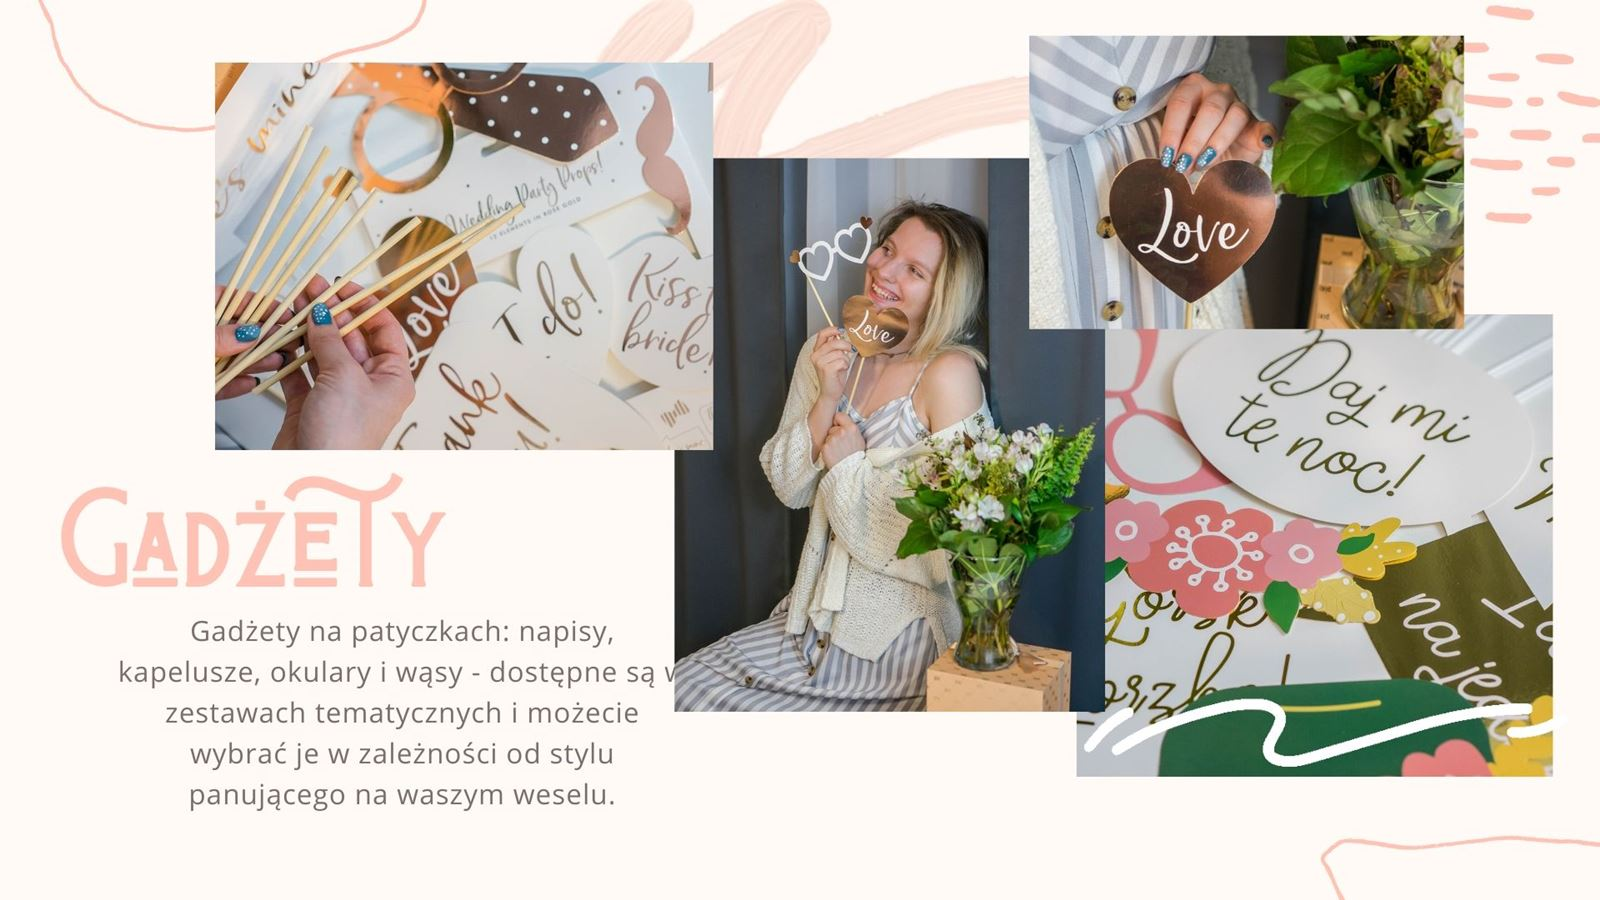 Jak zaoszczędzić na weselu Jak przygotować fotobudkę samemu Sfotobudką diy gdzie kupić tanio gadżety do fotobudki opinie recenzje sklep happenings pl wesele co mozna zrobic samemu taniej